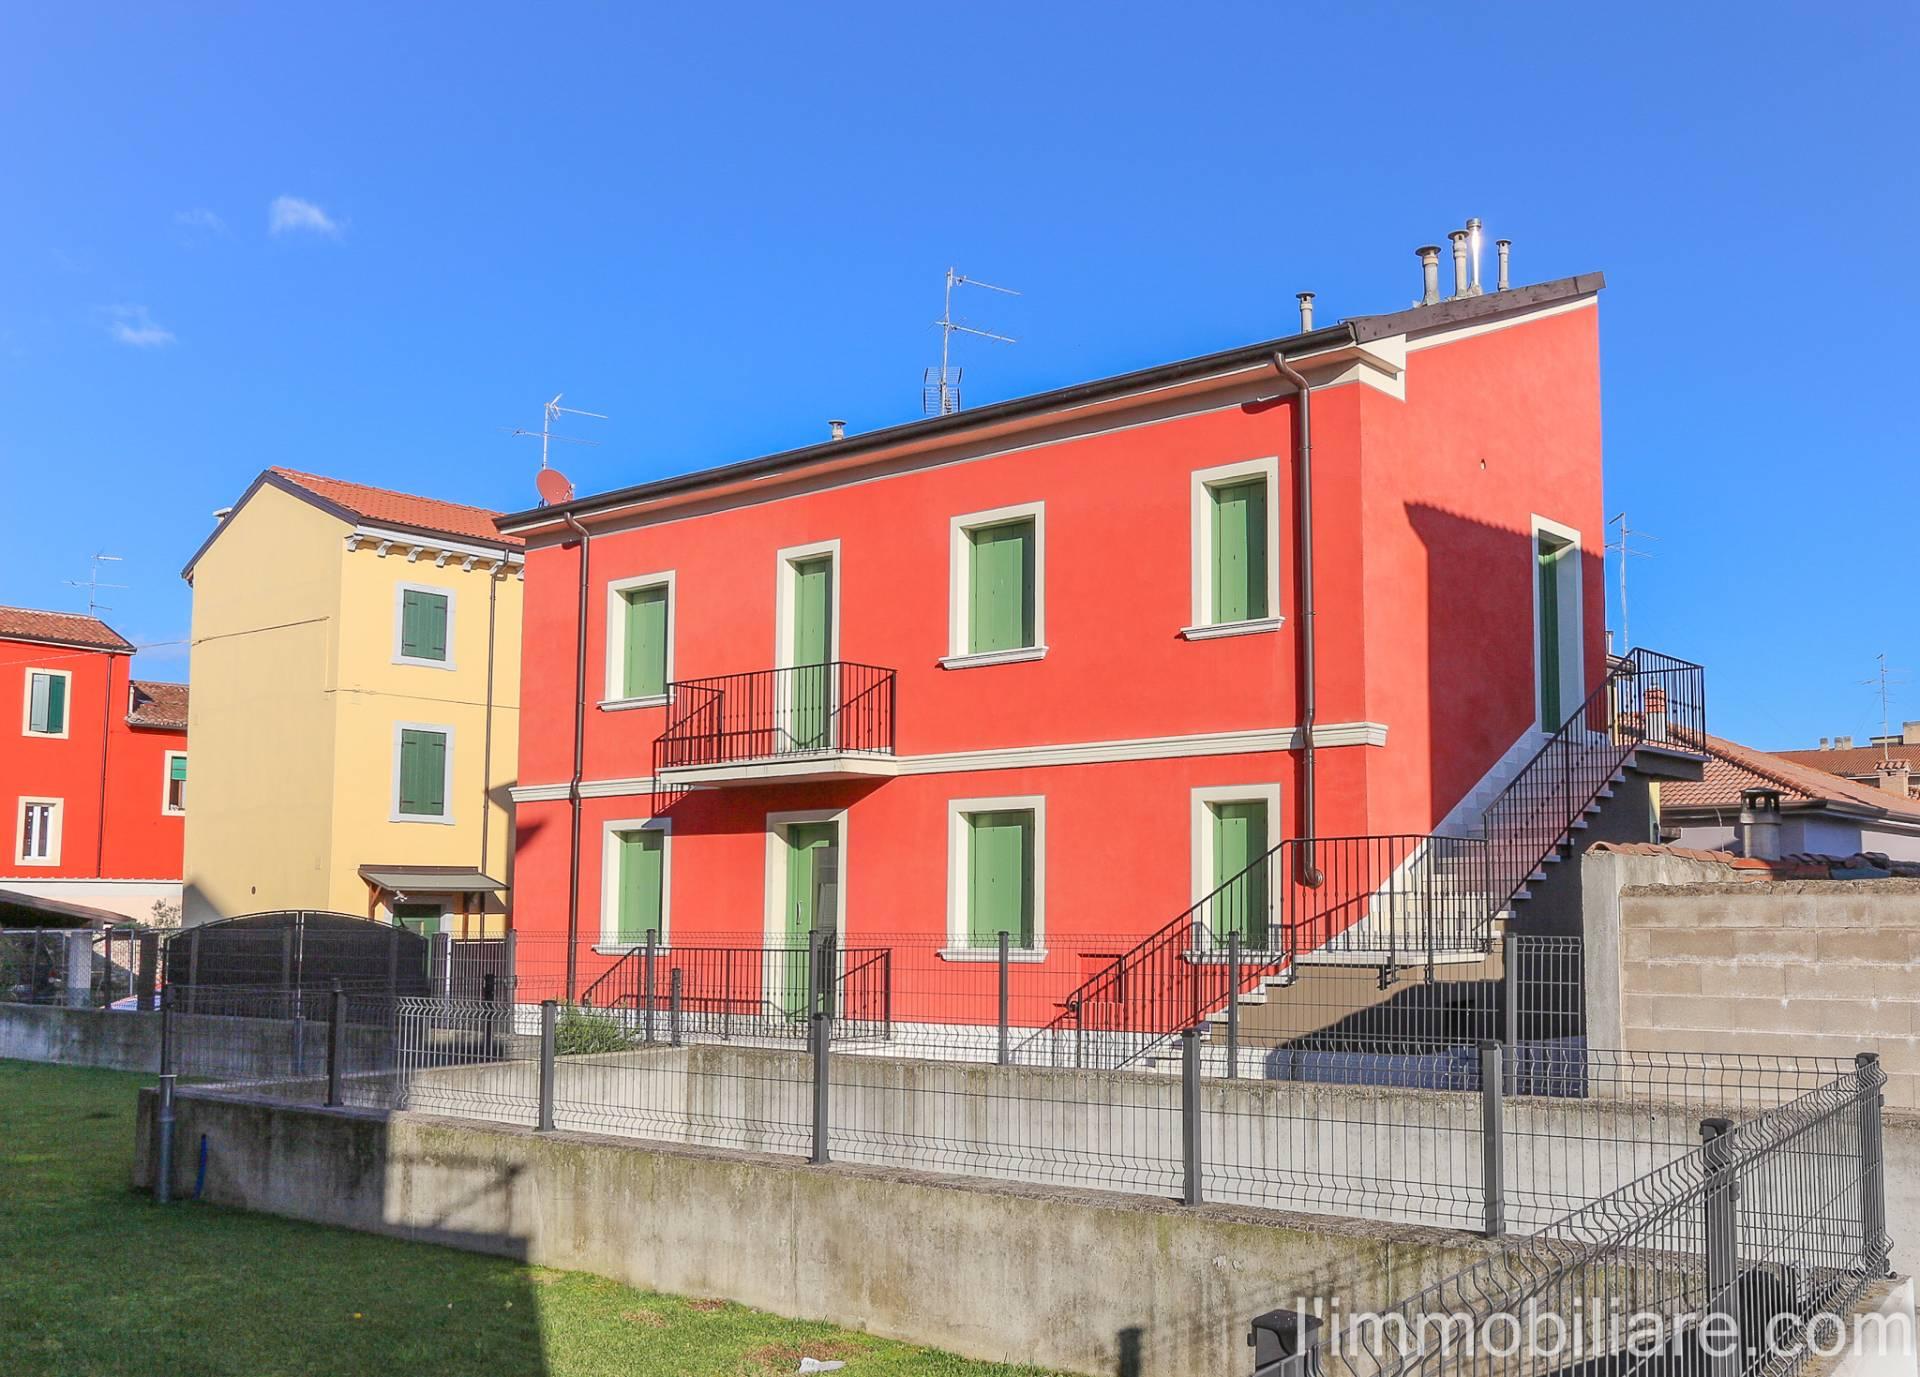 Soluzione Indipendente in vendita a Verona, 5 locali, zona Località: CroceBianca, prezzo € 198.000 | Cambio Casa.it